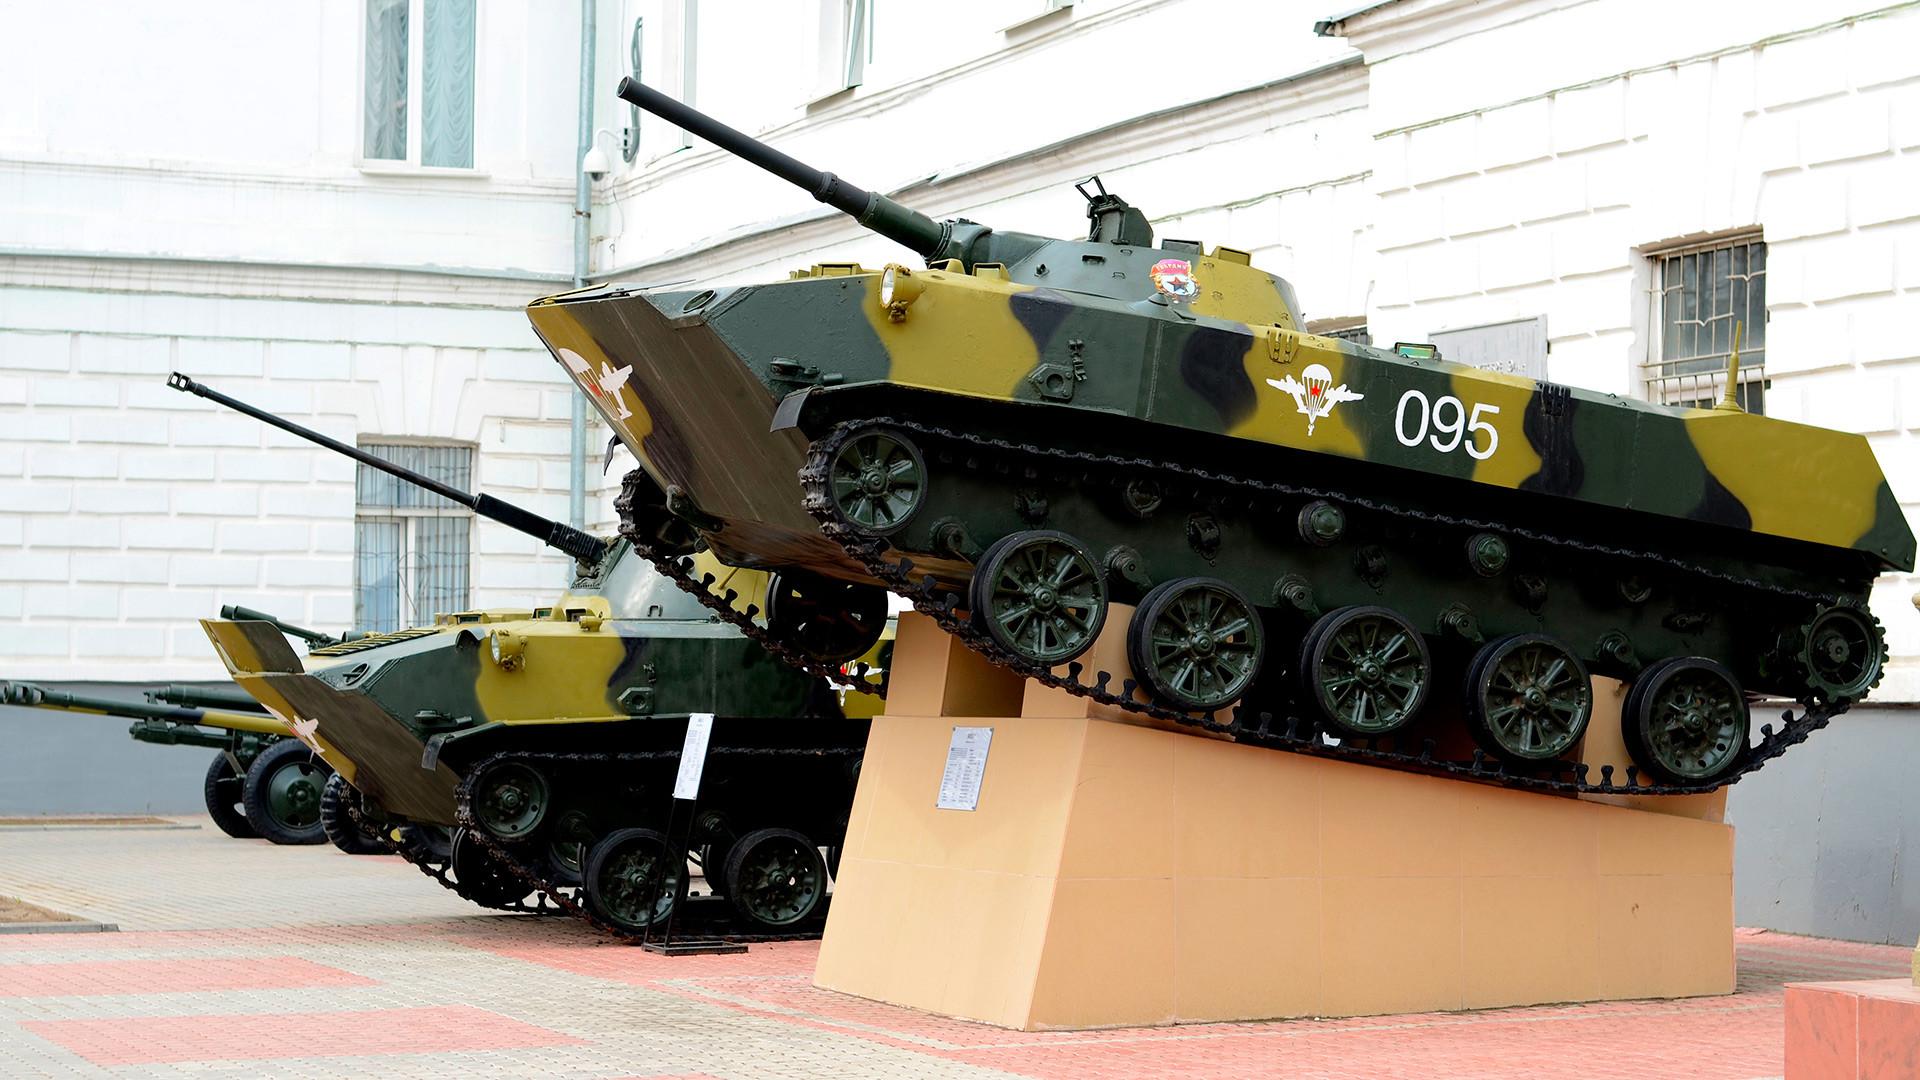 Muzej zračno-desantnih sil.